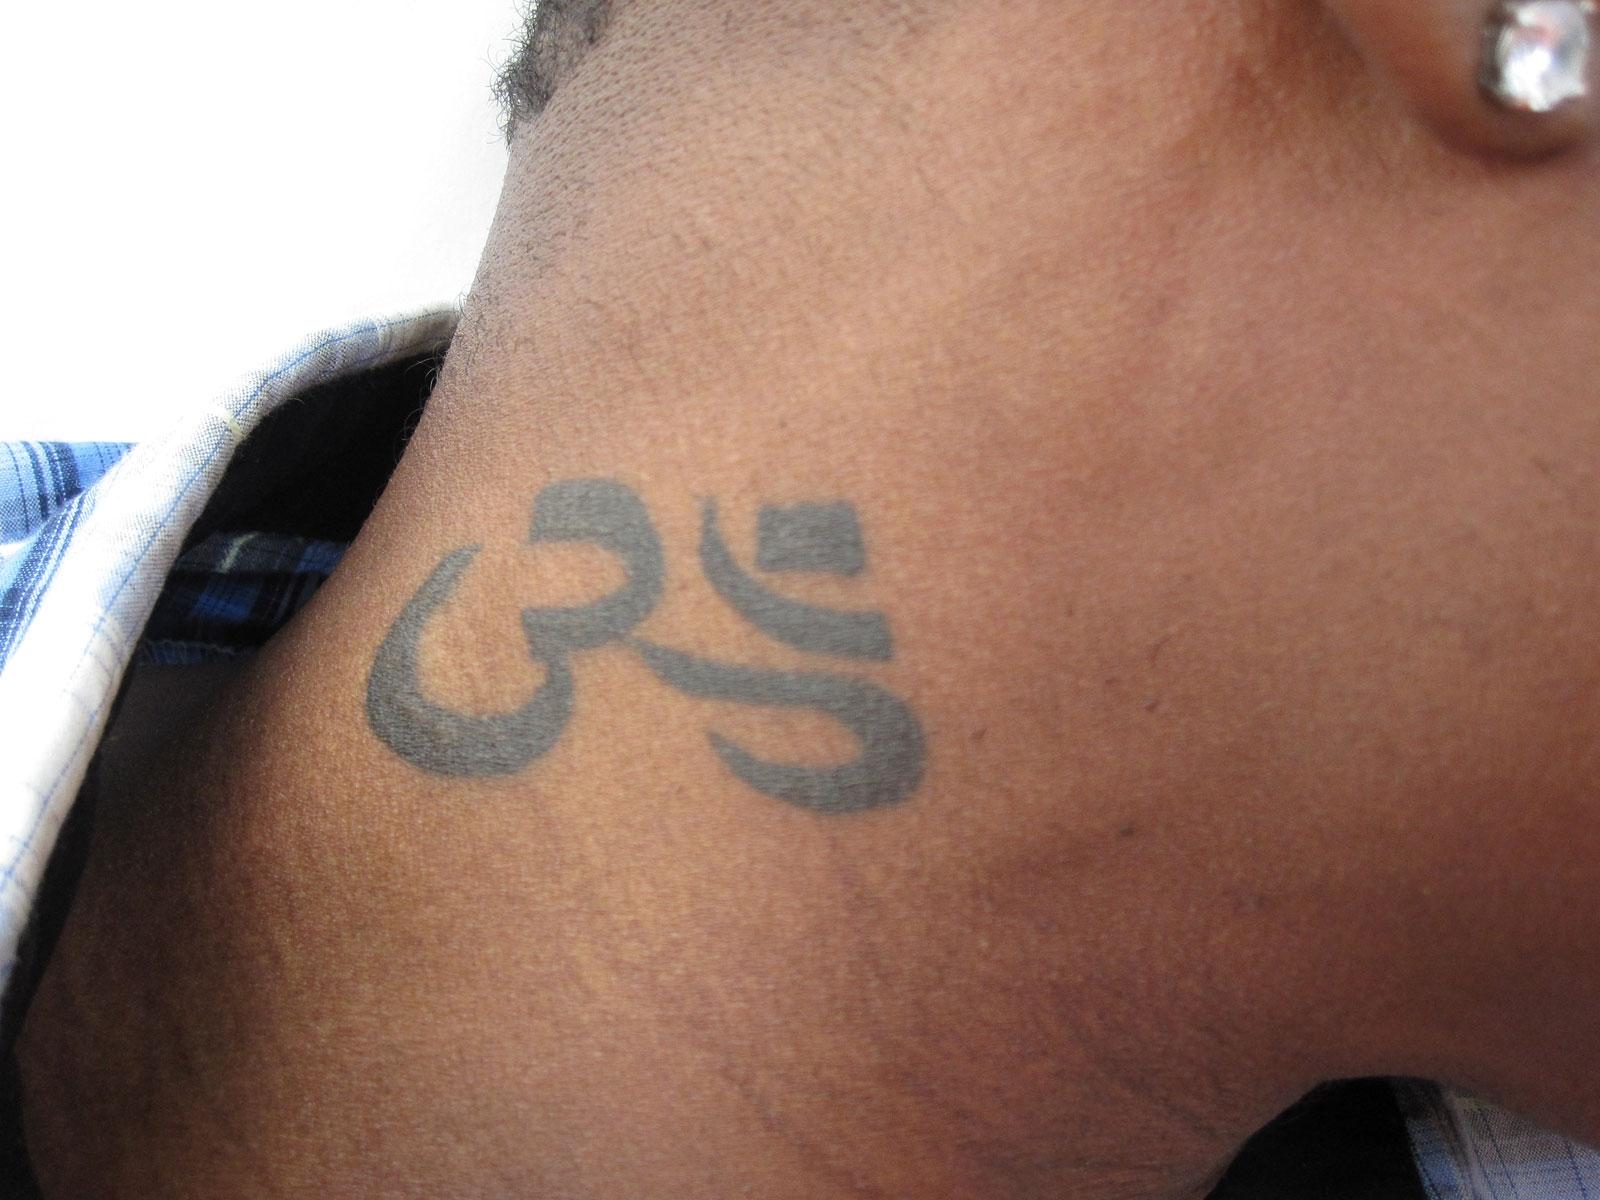 Tatouages - Tatouage blanc sur peau noir ...